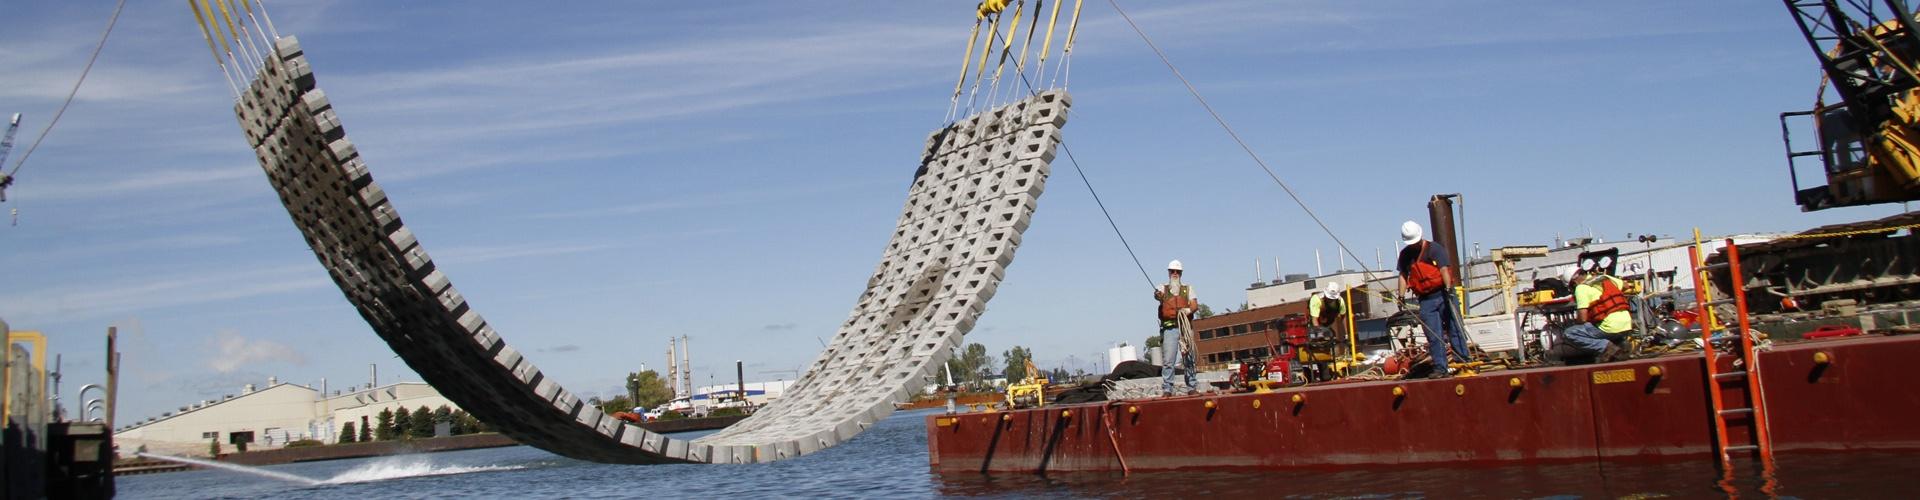 precast articulating block mats, scour and erosion repairs, railroad bridge scour and erosion prevention